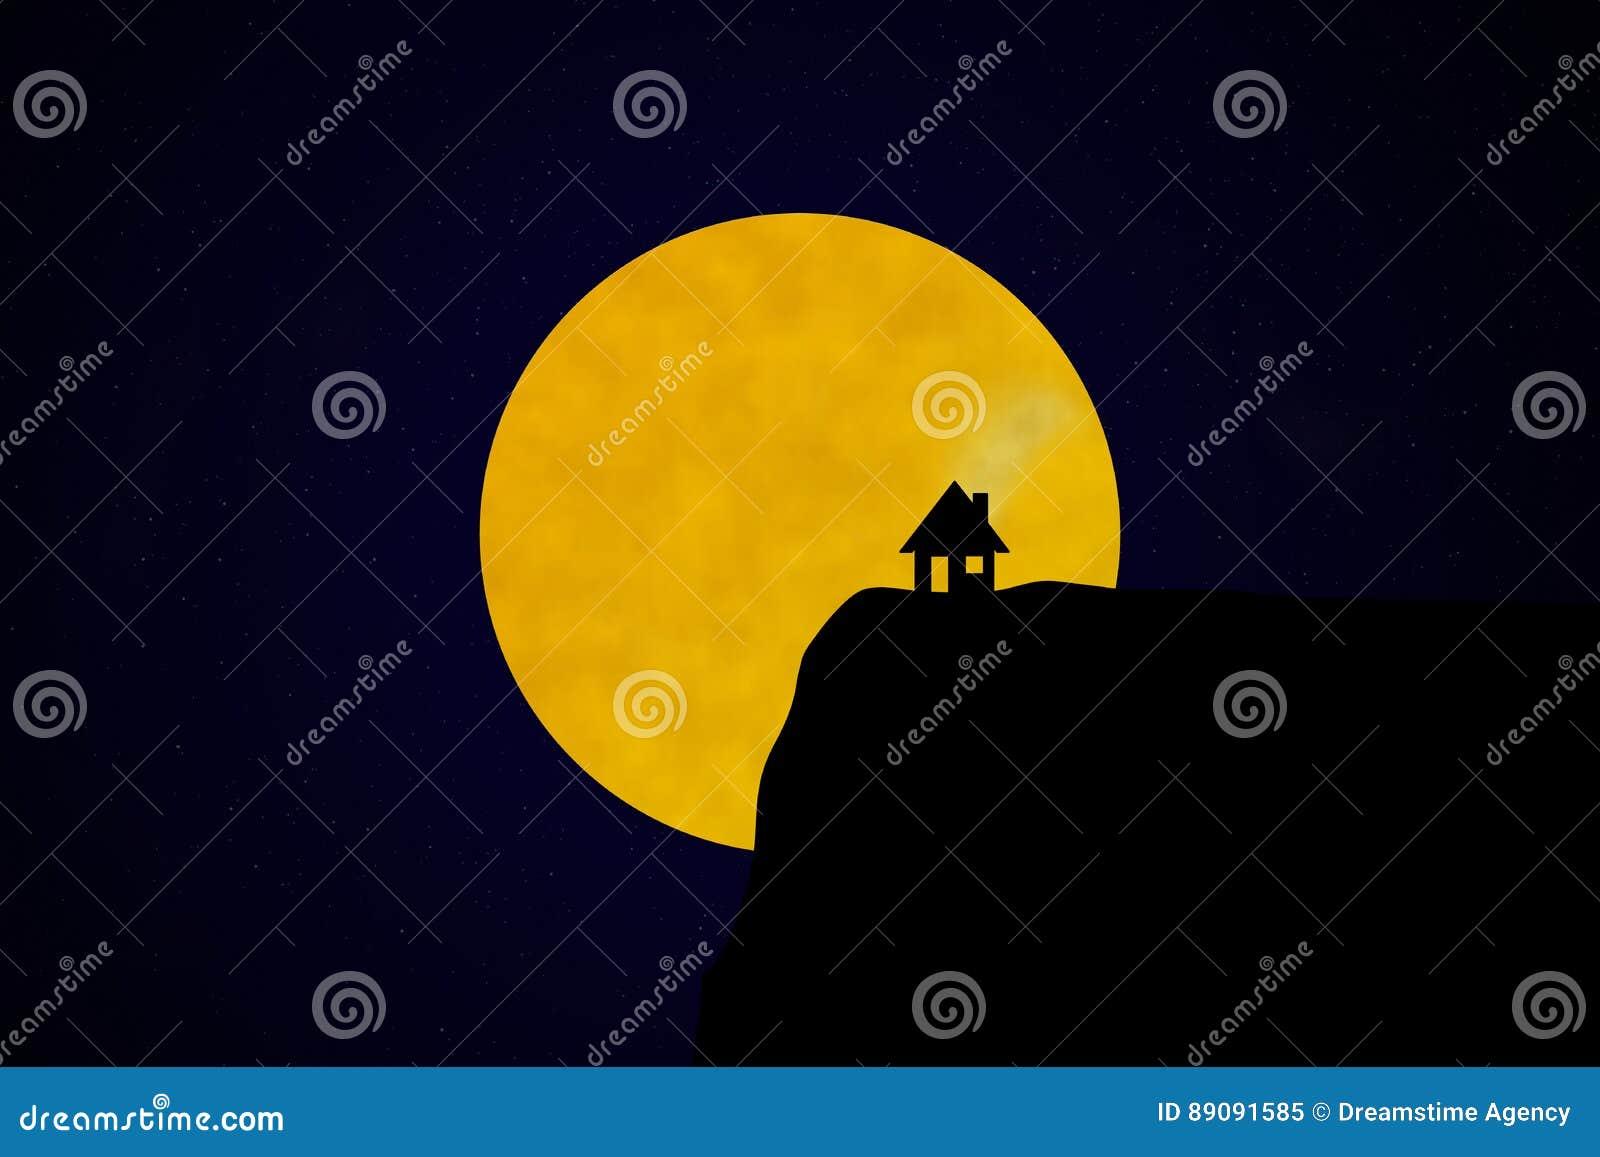 Silhueta da casa na frente do céu noturno estrelado com lua